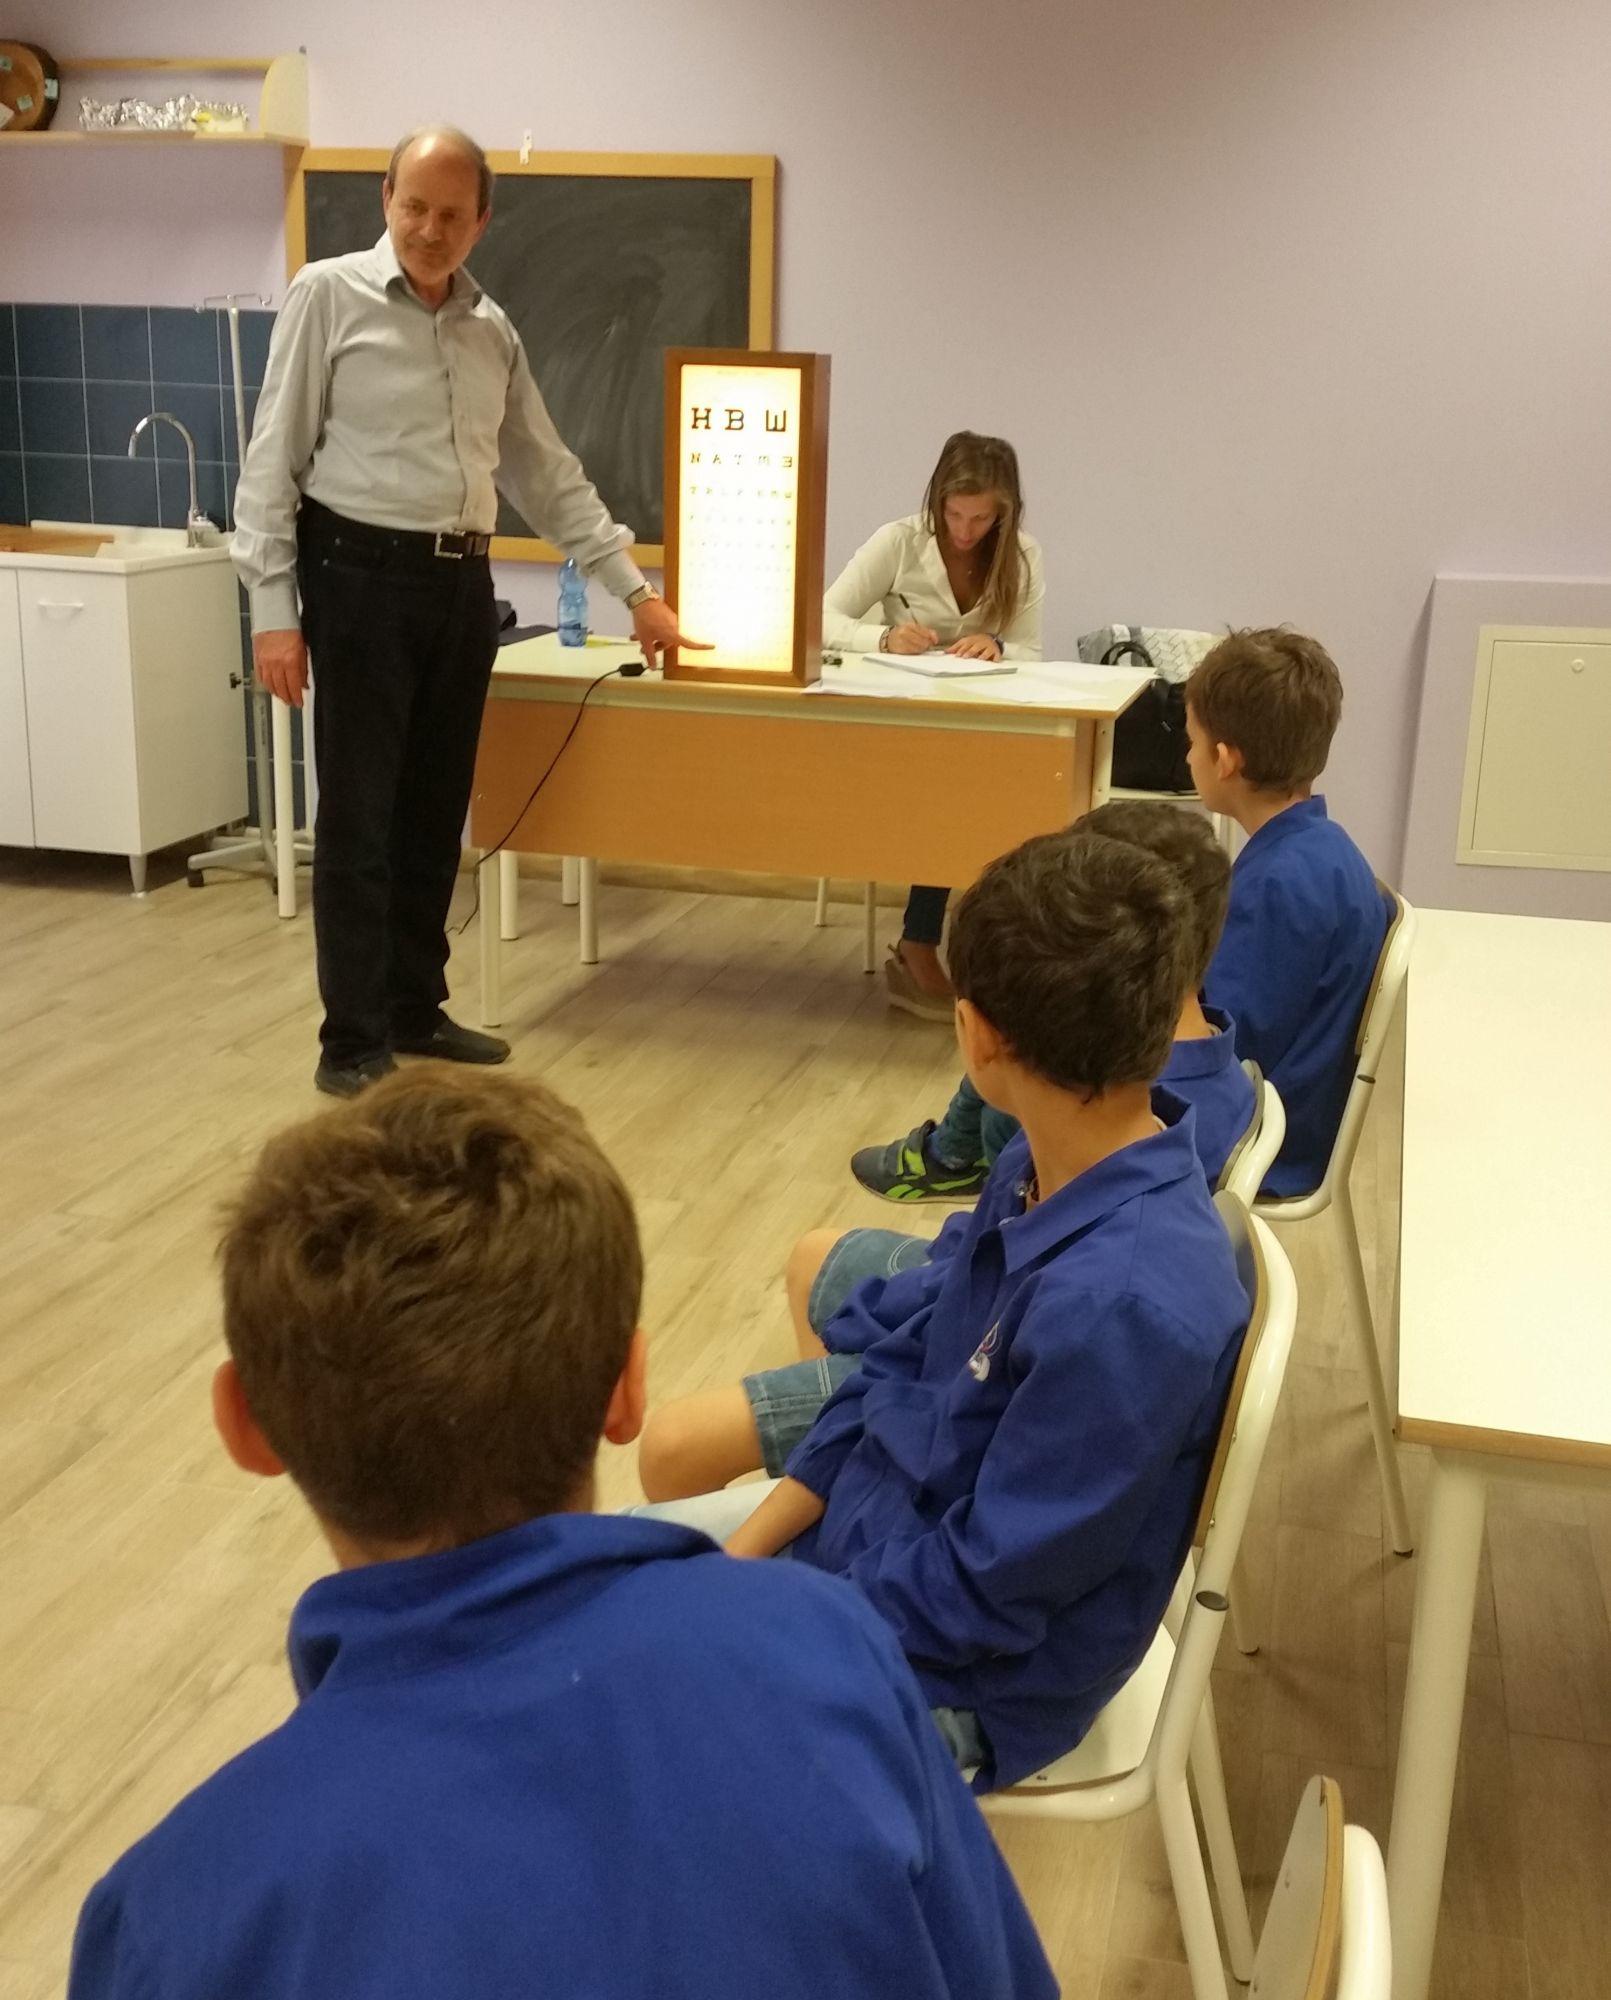 Screening visivi ai bambini nelle scuole con Lions Club Massarosa